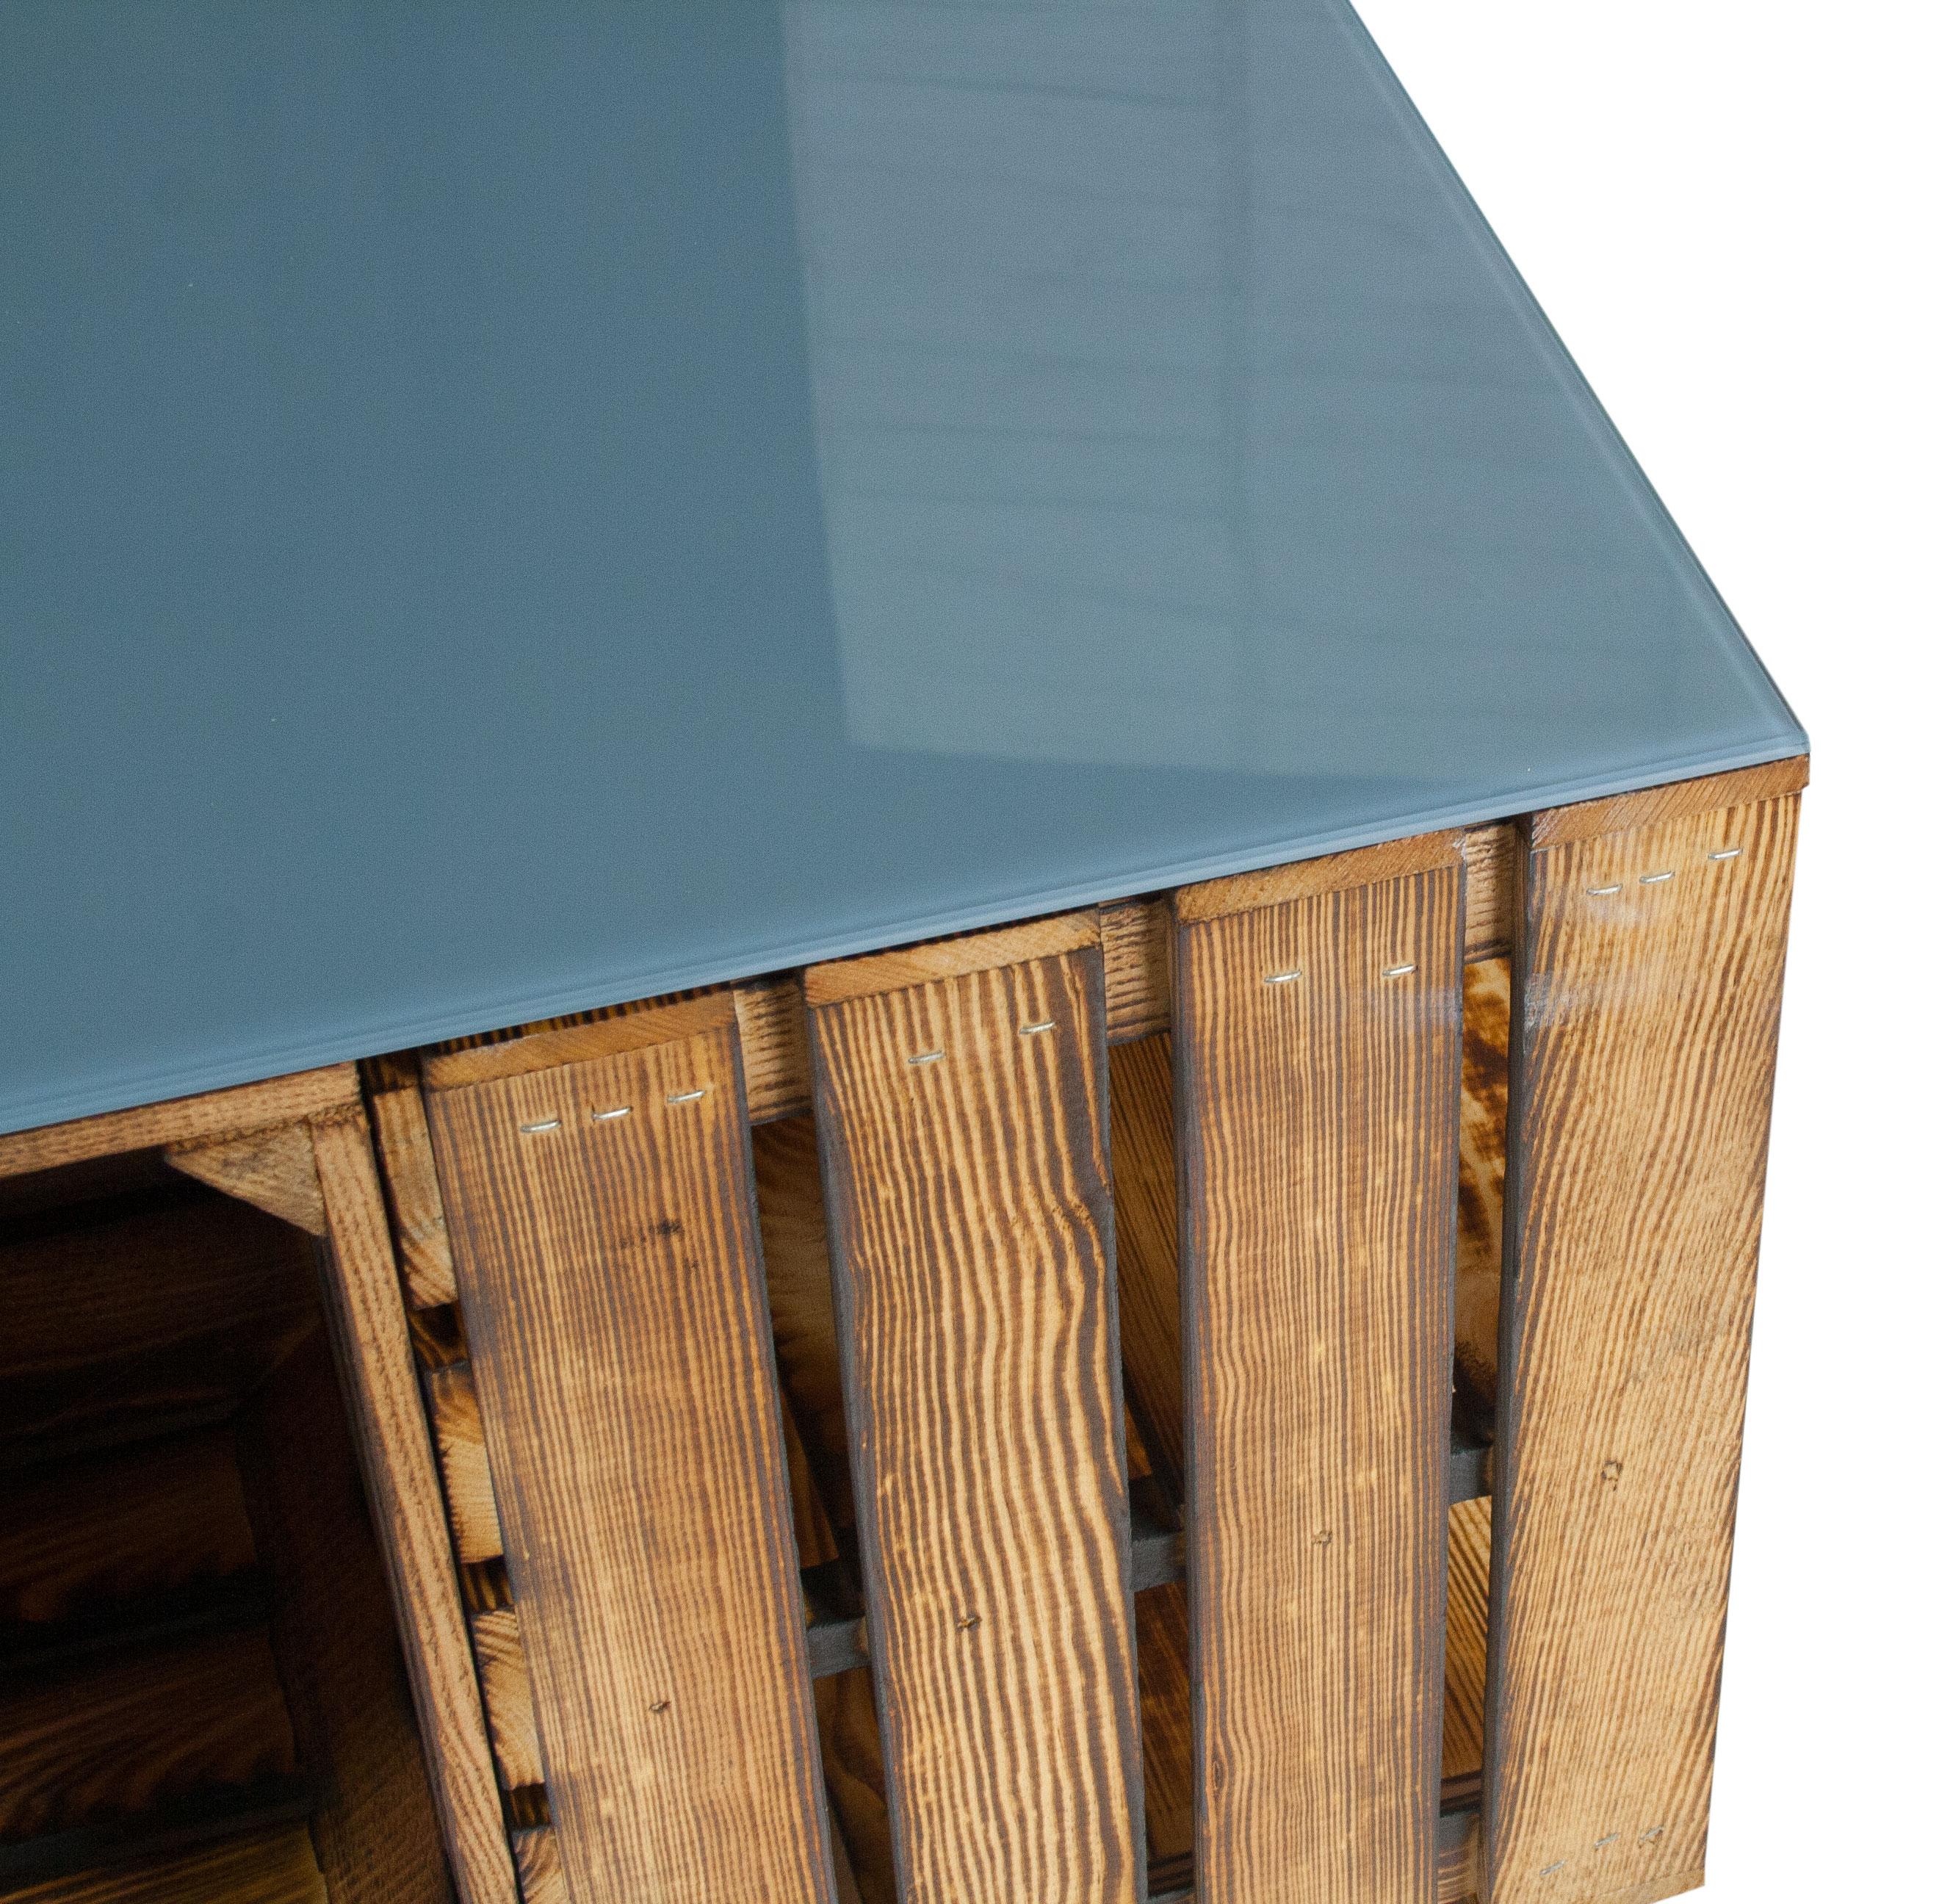 m bel geflammter couchtisch aus apfelkisten mit rollen inkl grauer glasplatte 81x81x44cm. Black Bedroom Furniture Sets. Home Design Ideas